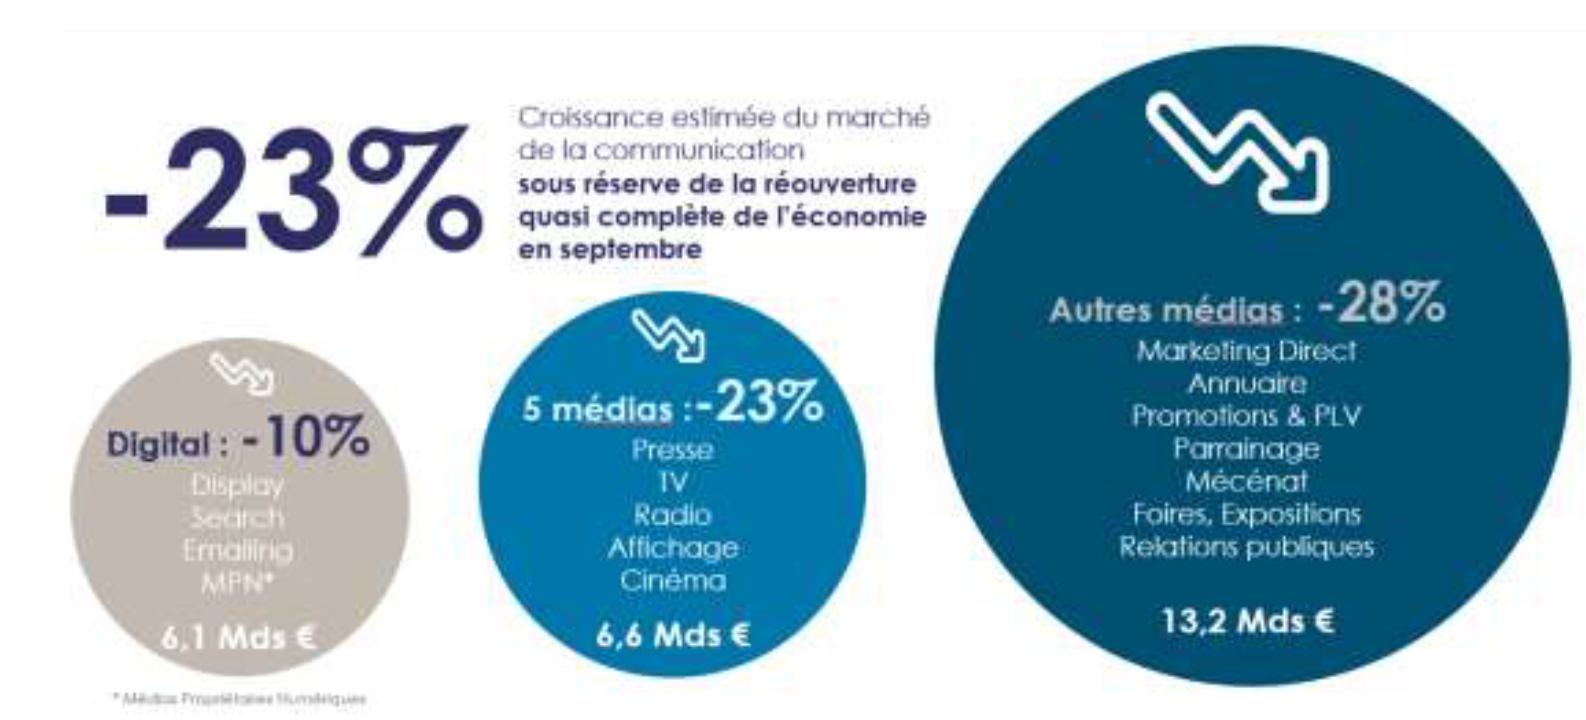 La croissance estimée du marché de la communication - Source : IREP